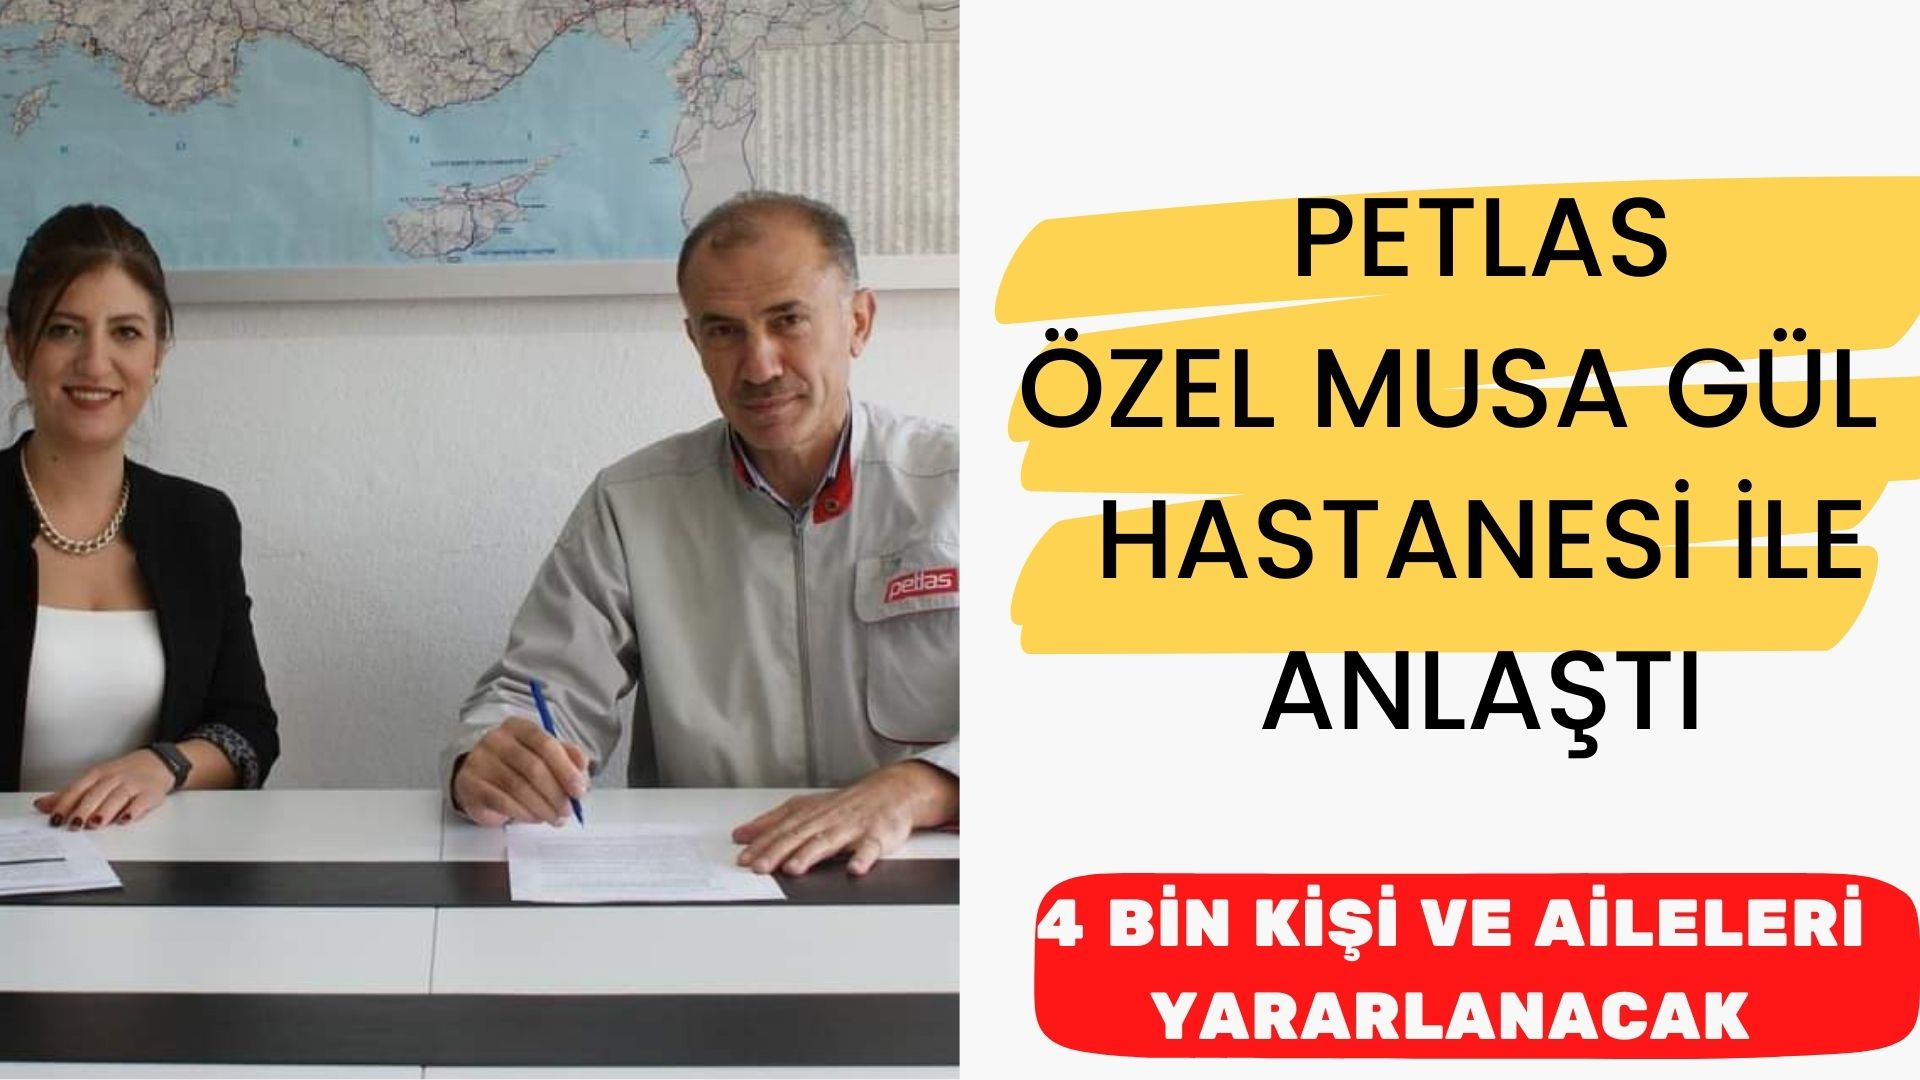 Petlas Özel Musa Gül Hastanesi ile anlaştı